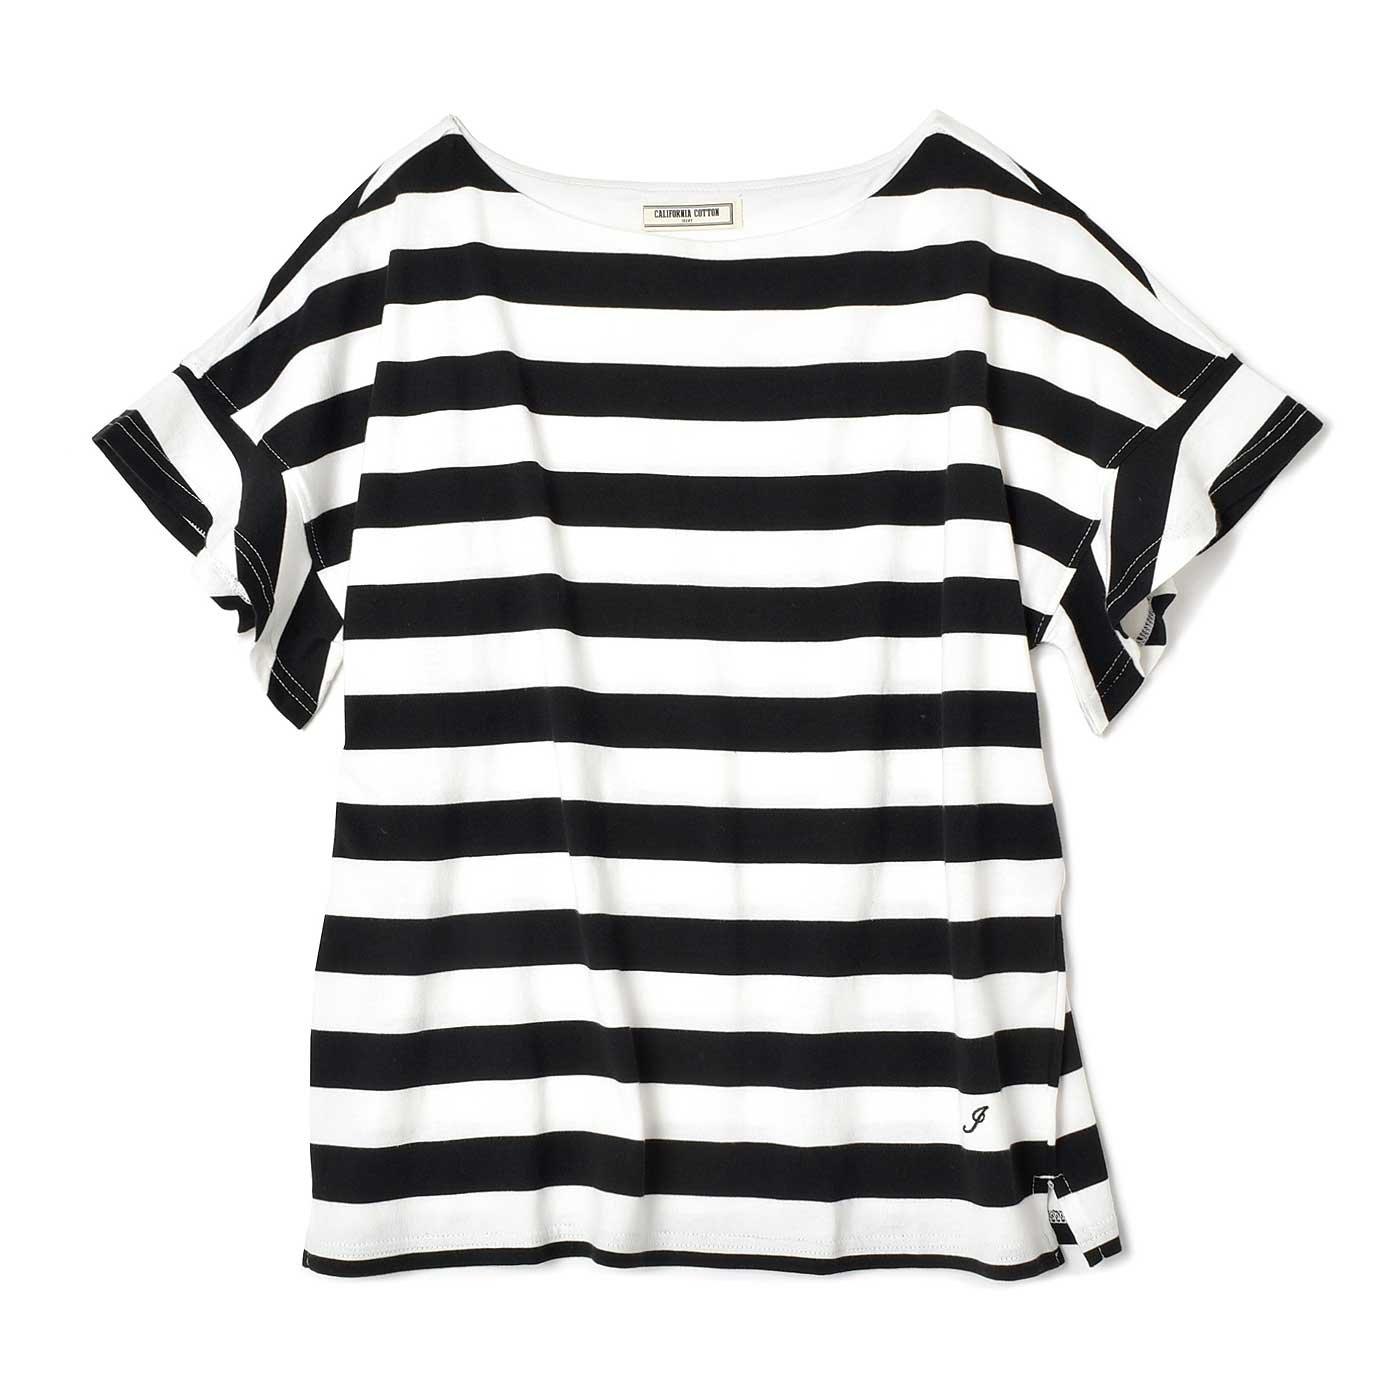 IEDIT  カリフォルニアコットンの太ボーダーTシャツ〈ブラック×ホワイト〉